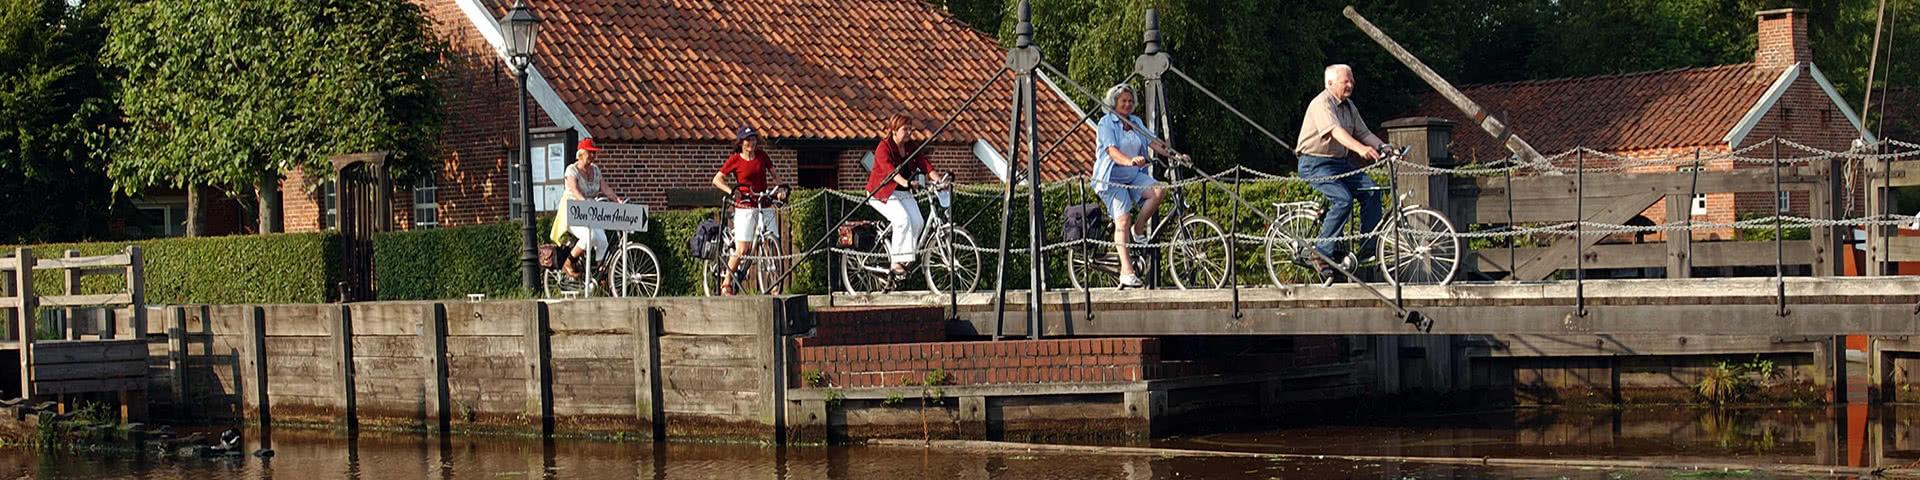 Radfahrer fahren durch die Von-Velen-Anlage in Papenburg